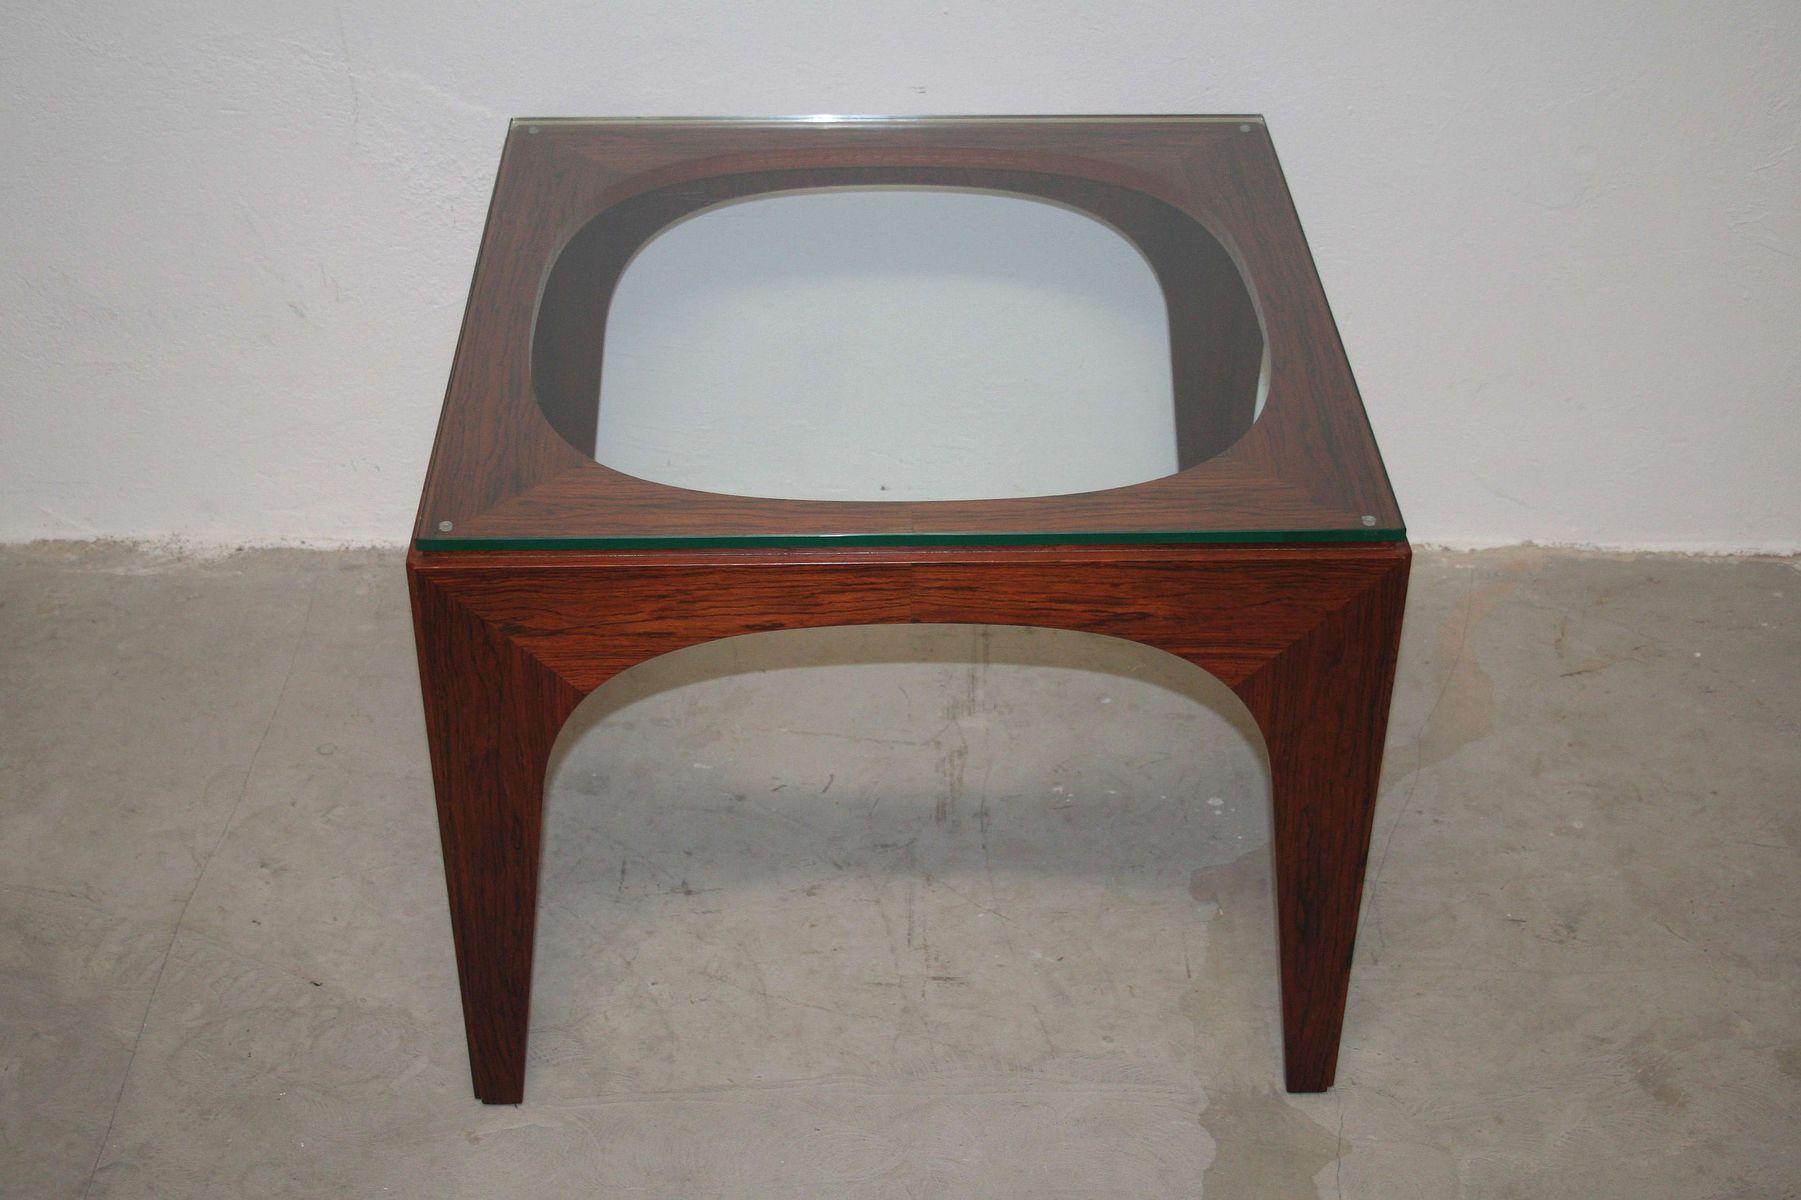 Couchtisch designklassiker  Deutscher Couchtisch von Hohnert Design, 1960er bei Pamono kaufen